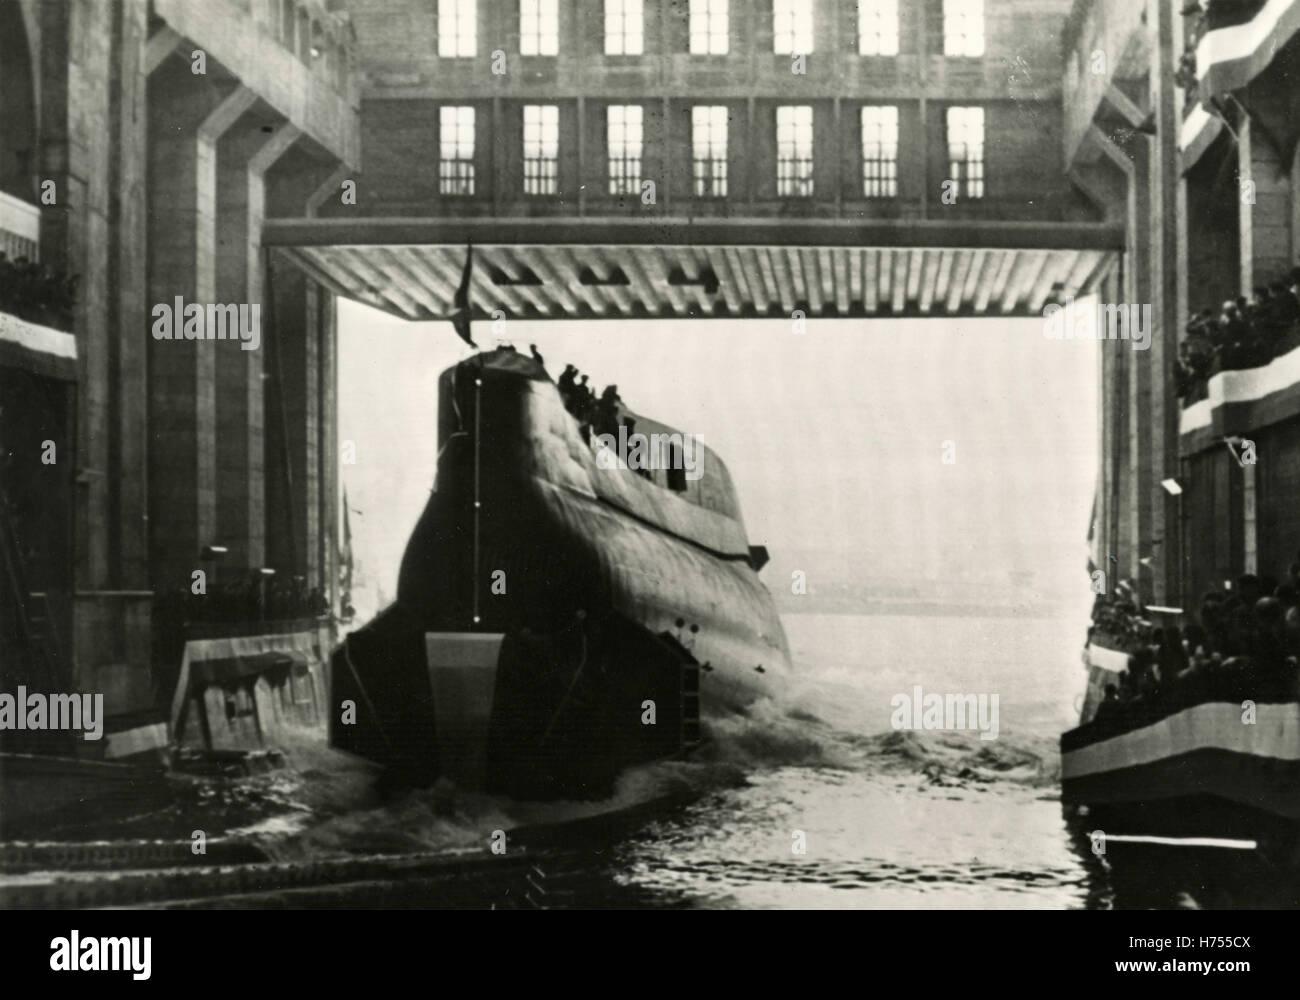 U-Boot befindet sich in Reichweite, USA Stockbild